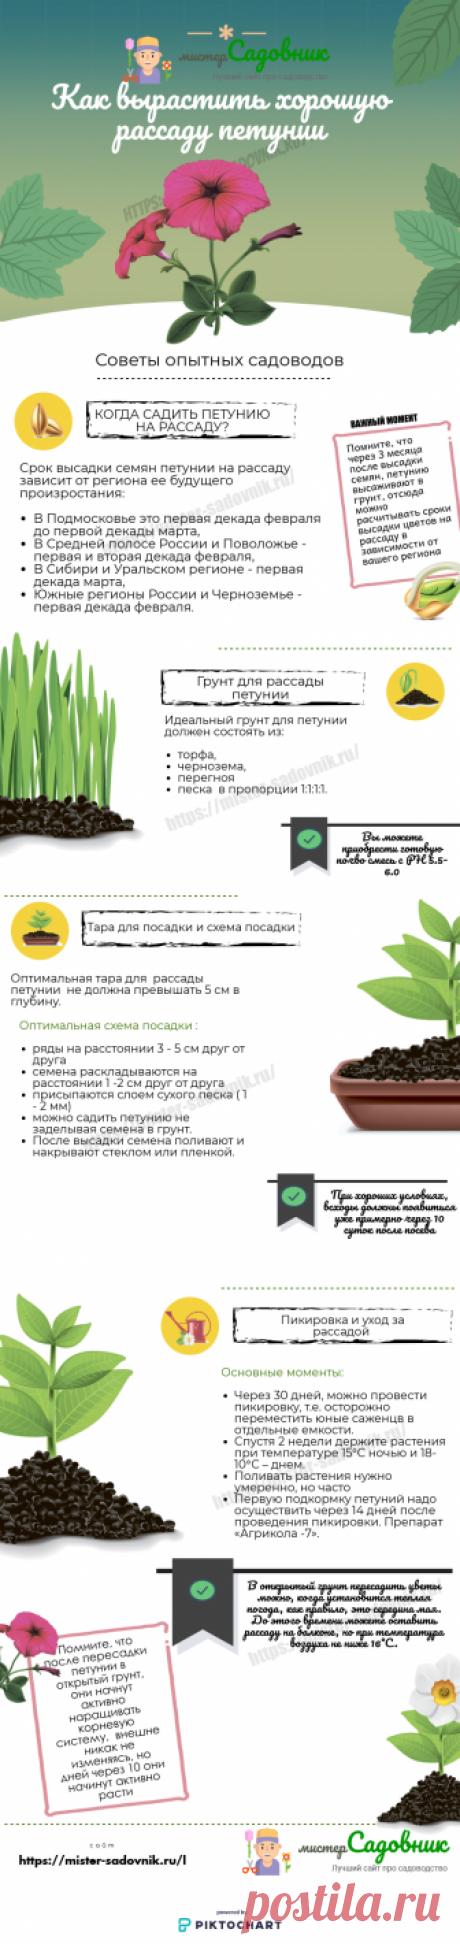 Как вырастить рассаду петунии из семян в домашних условиях ?